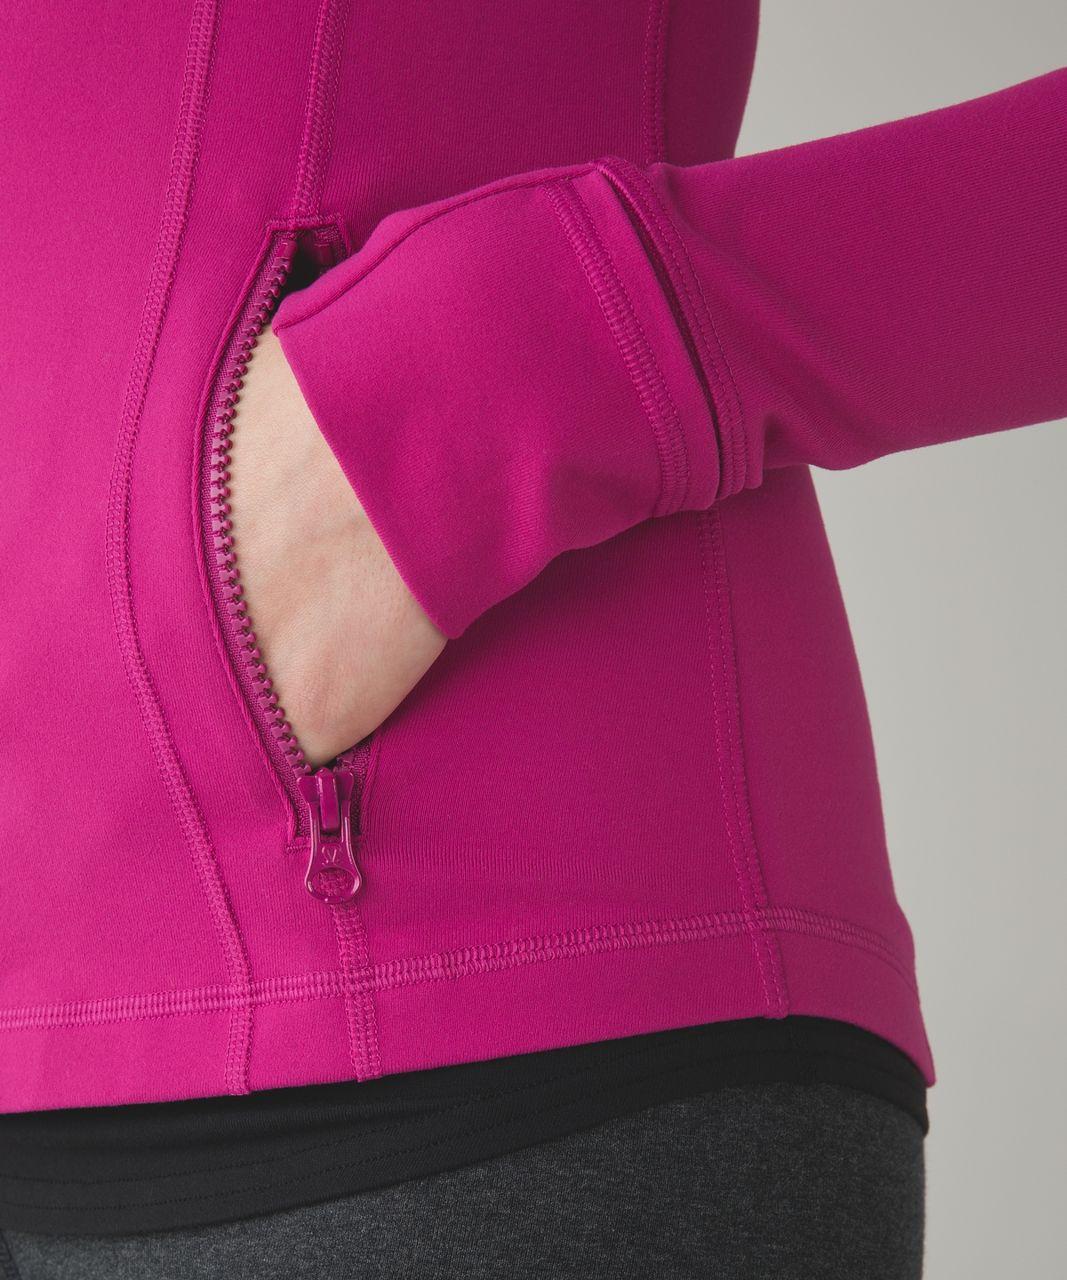 Lululemon Define Jacket - Raspberry